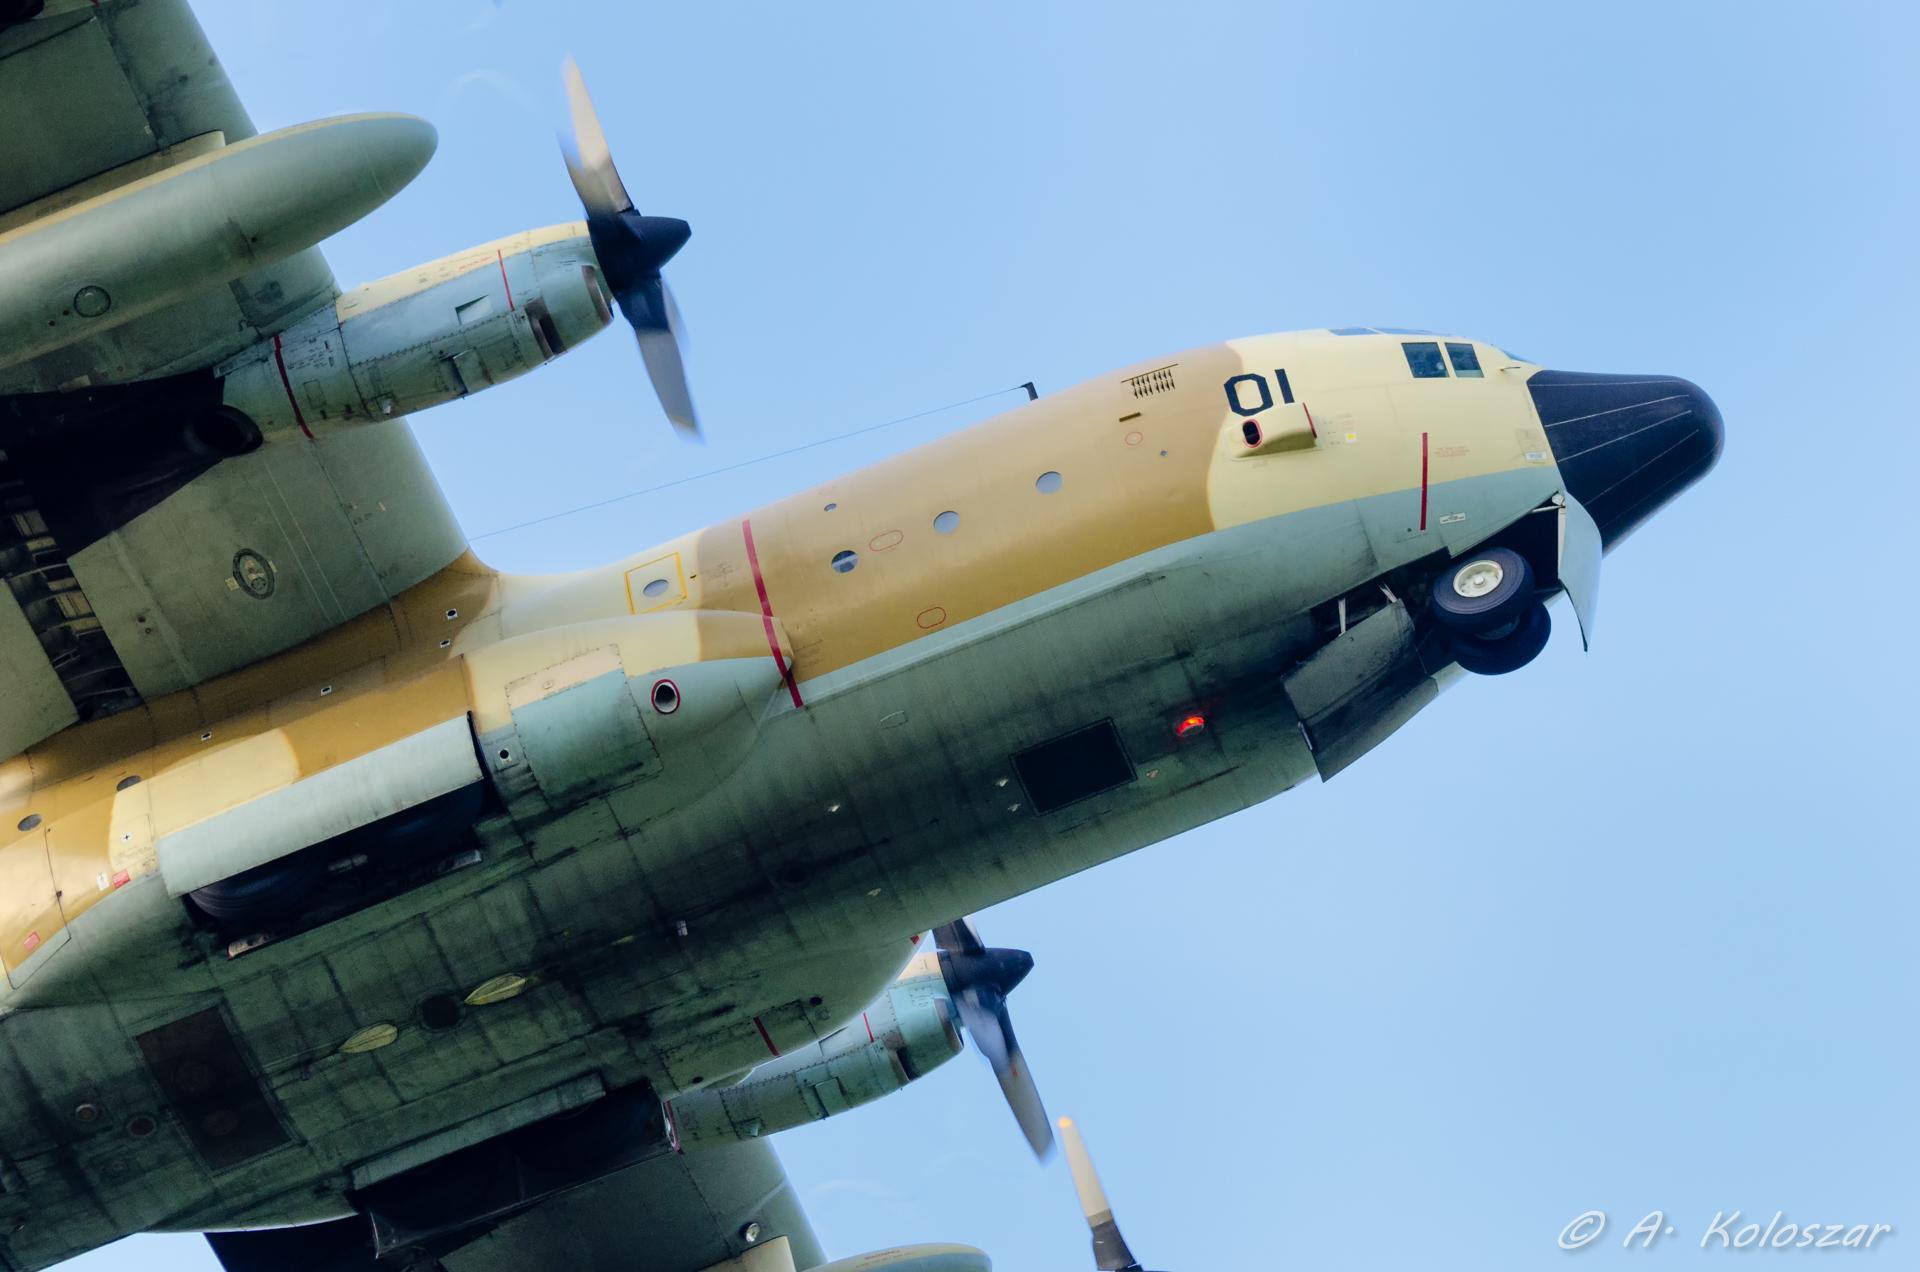 طائرات النقل العاملة بالقوات المسلحة المغربية 14510048928_12e1667b16_o